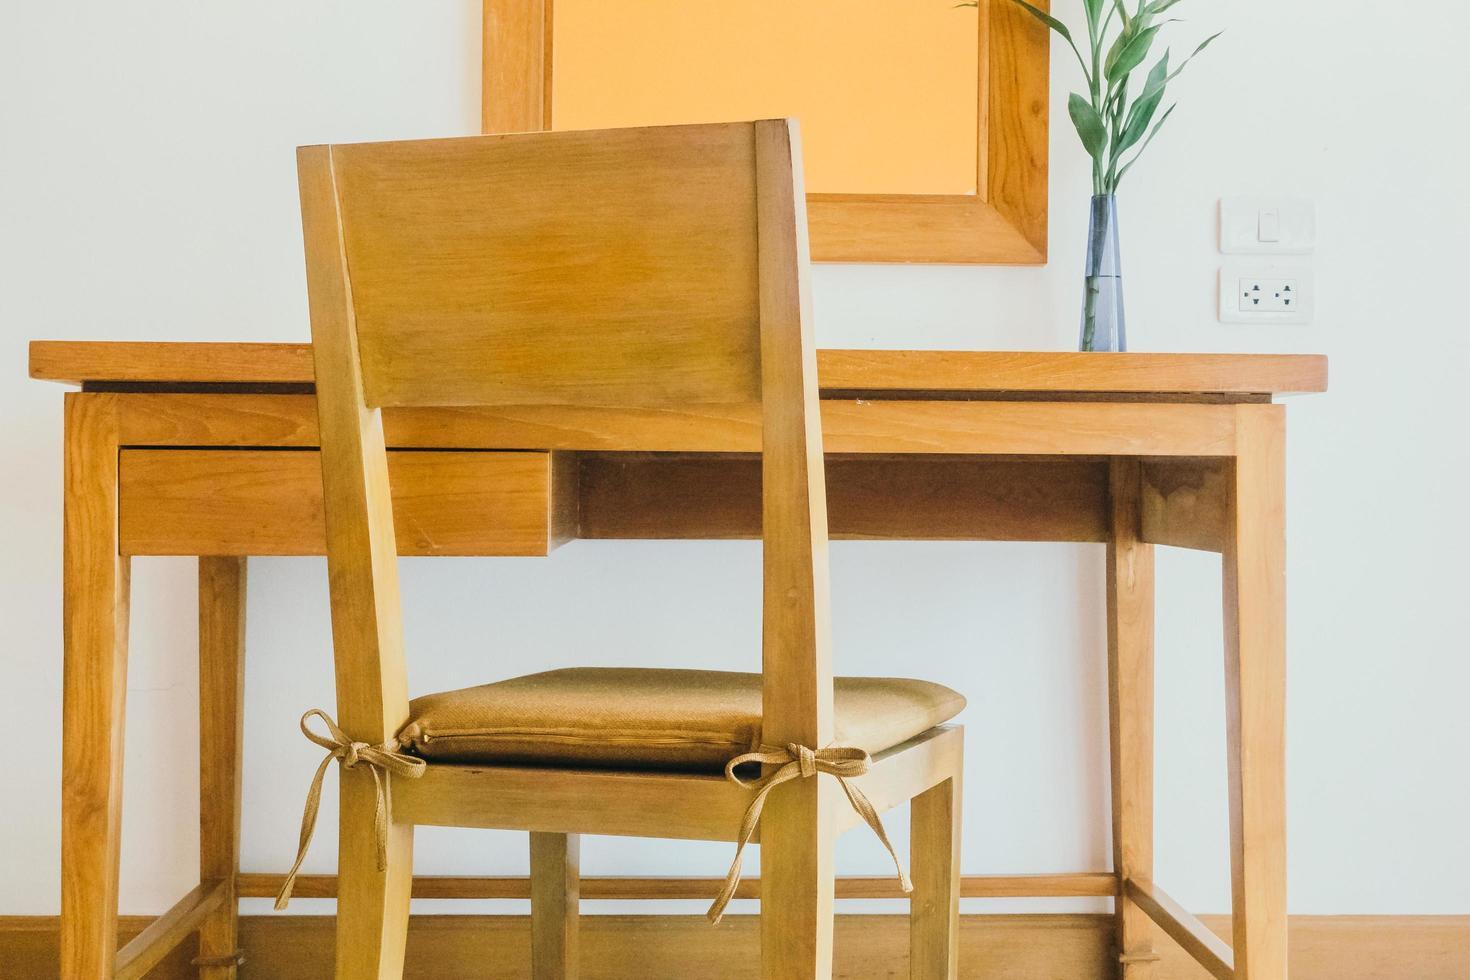 houten tafel en stoeldecoratie in woonkamer foto